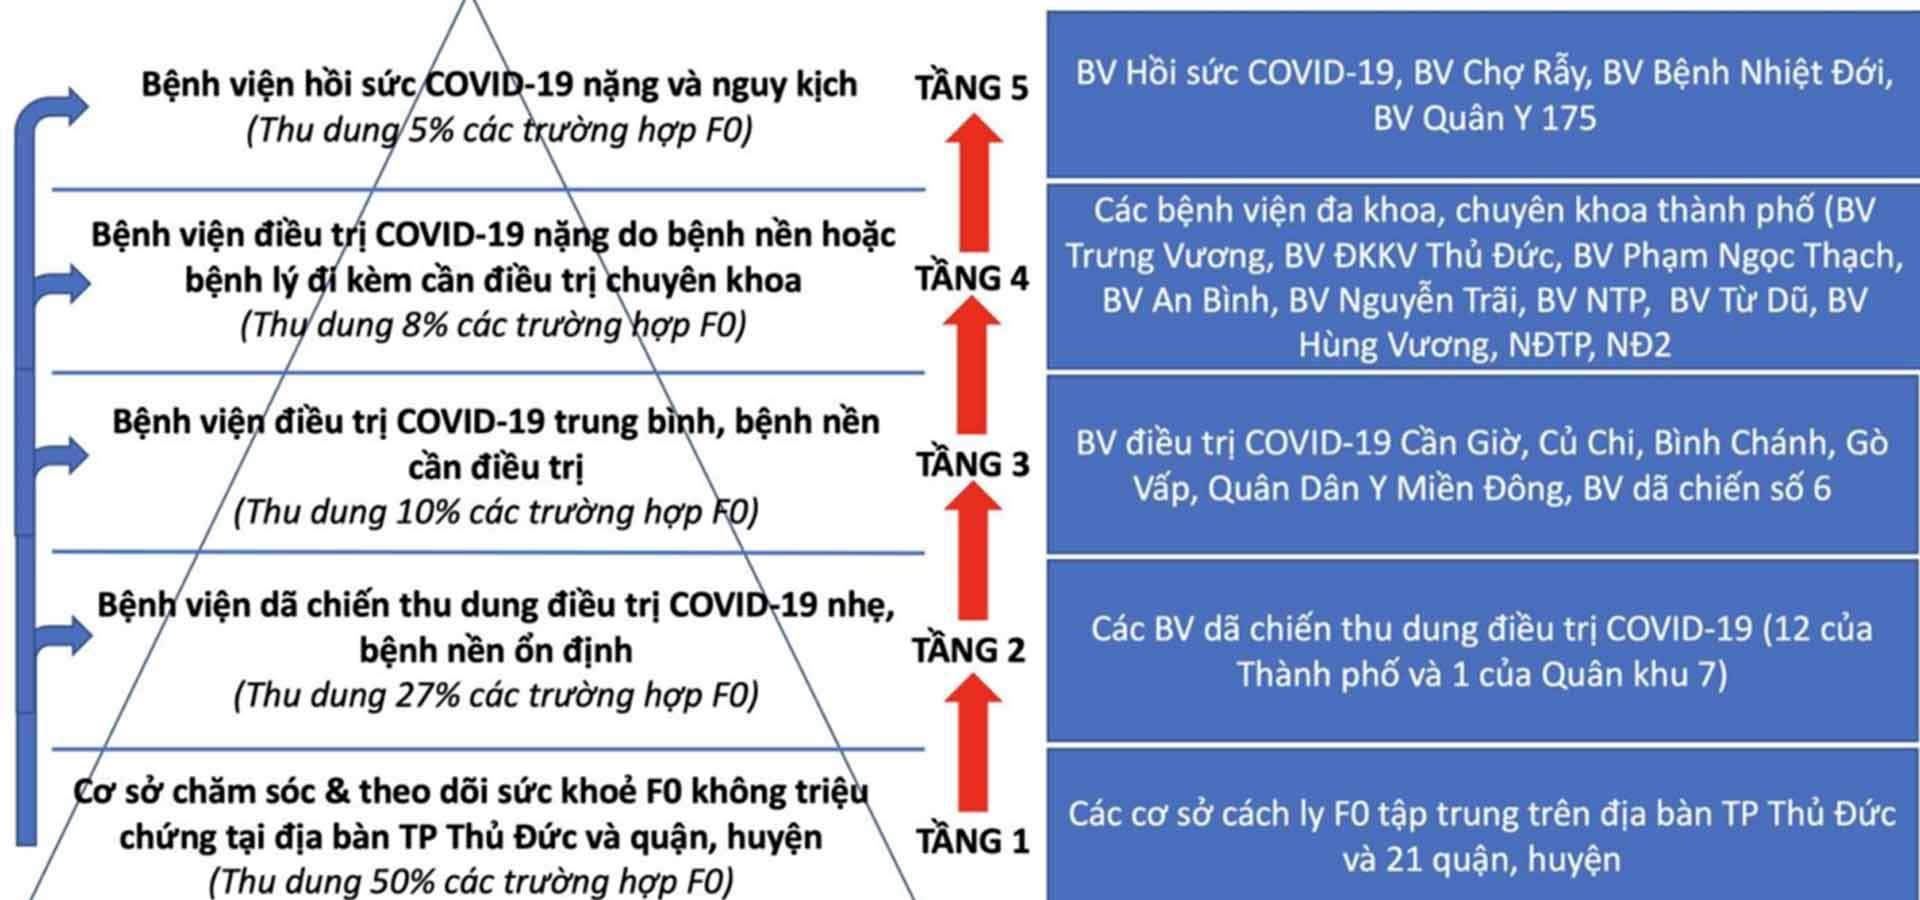 Giải bài toán tử vong do Covid-19